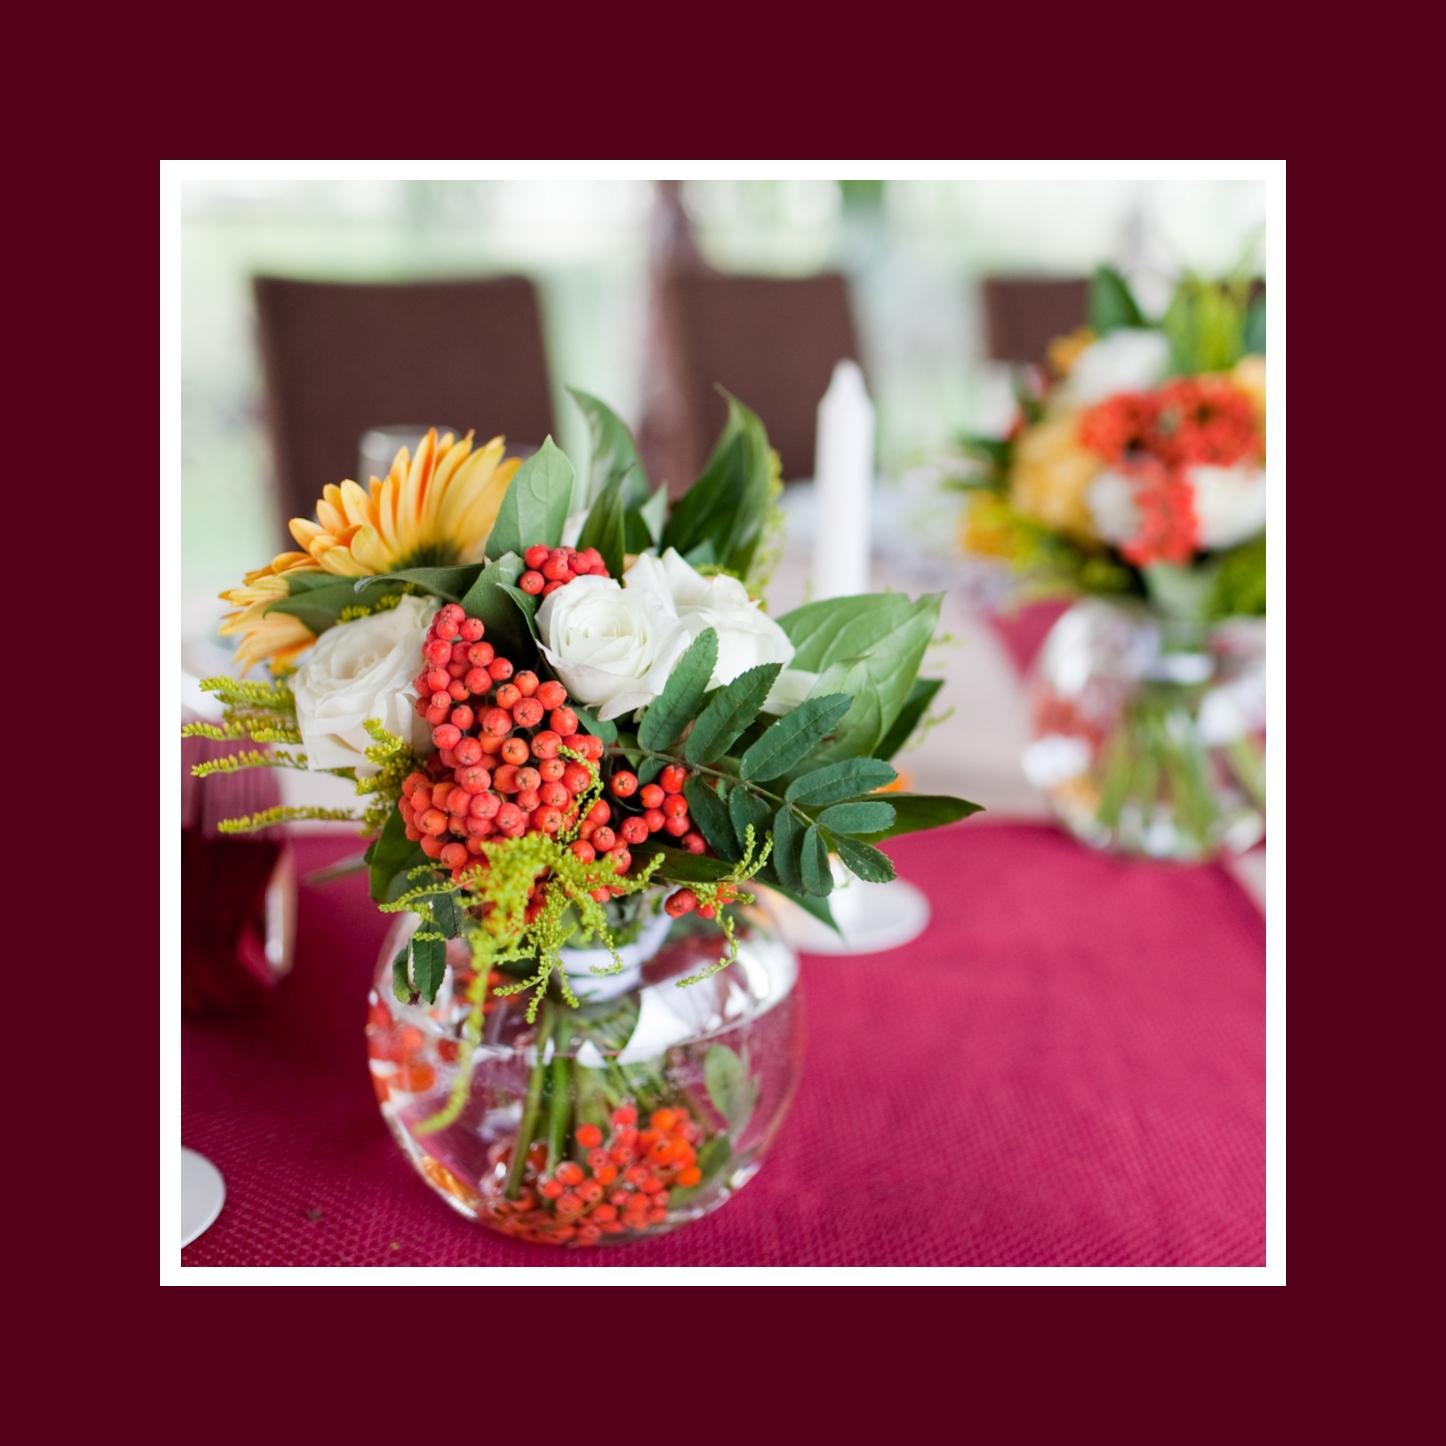 Ausgefallene Blumendeko aus Rosen, Gerbera und Vogelbeeren Kommunion